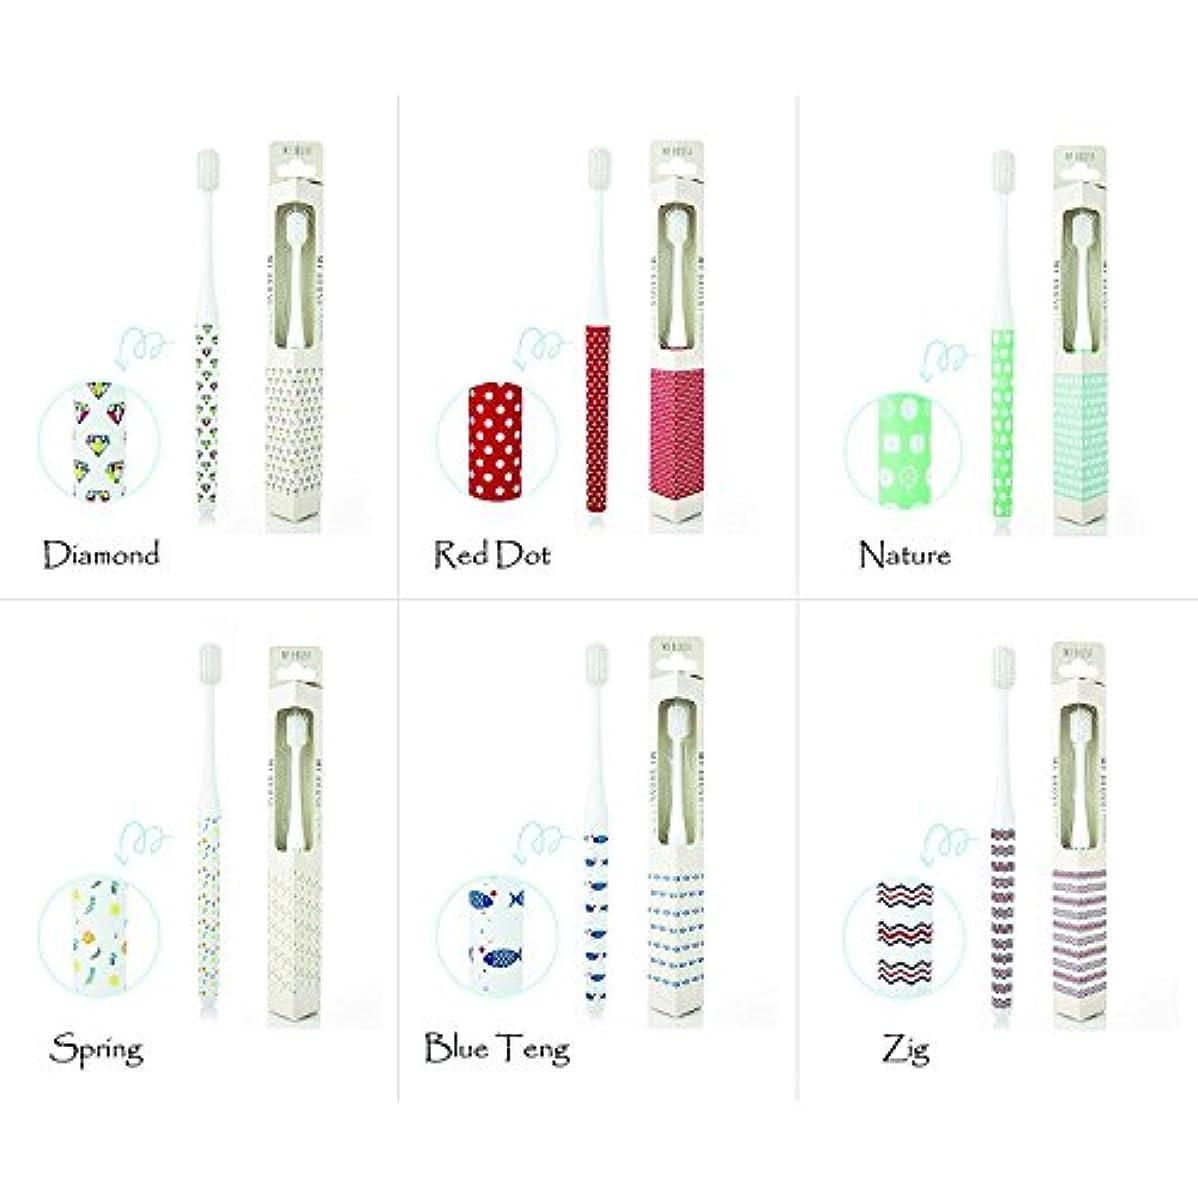 【My Brush Series】磨きやすい 抗菌超極細毛ソフト コンパクトヘッド デザイナー歯ブラシ 6本セット (大人用ハブラシ)